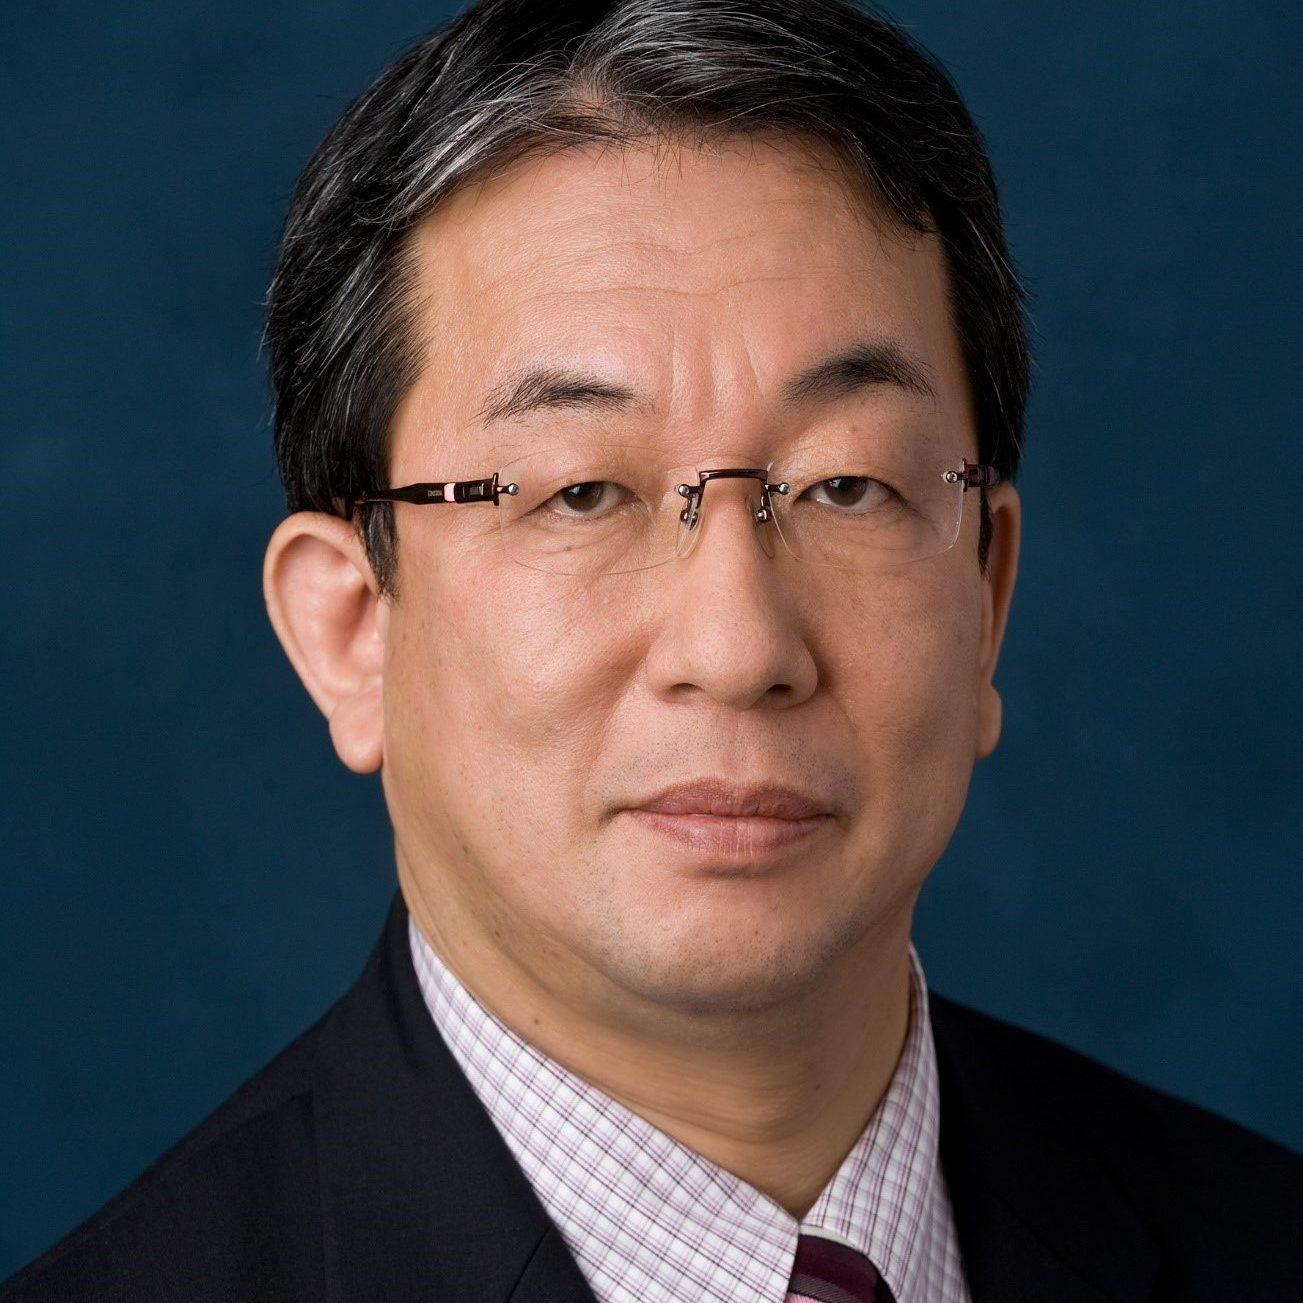 Tadakatsu Kanamori